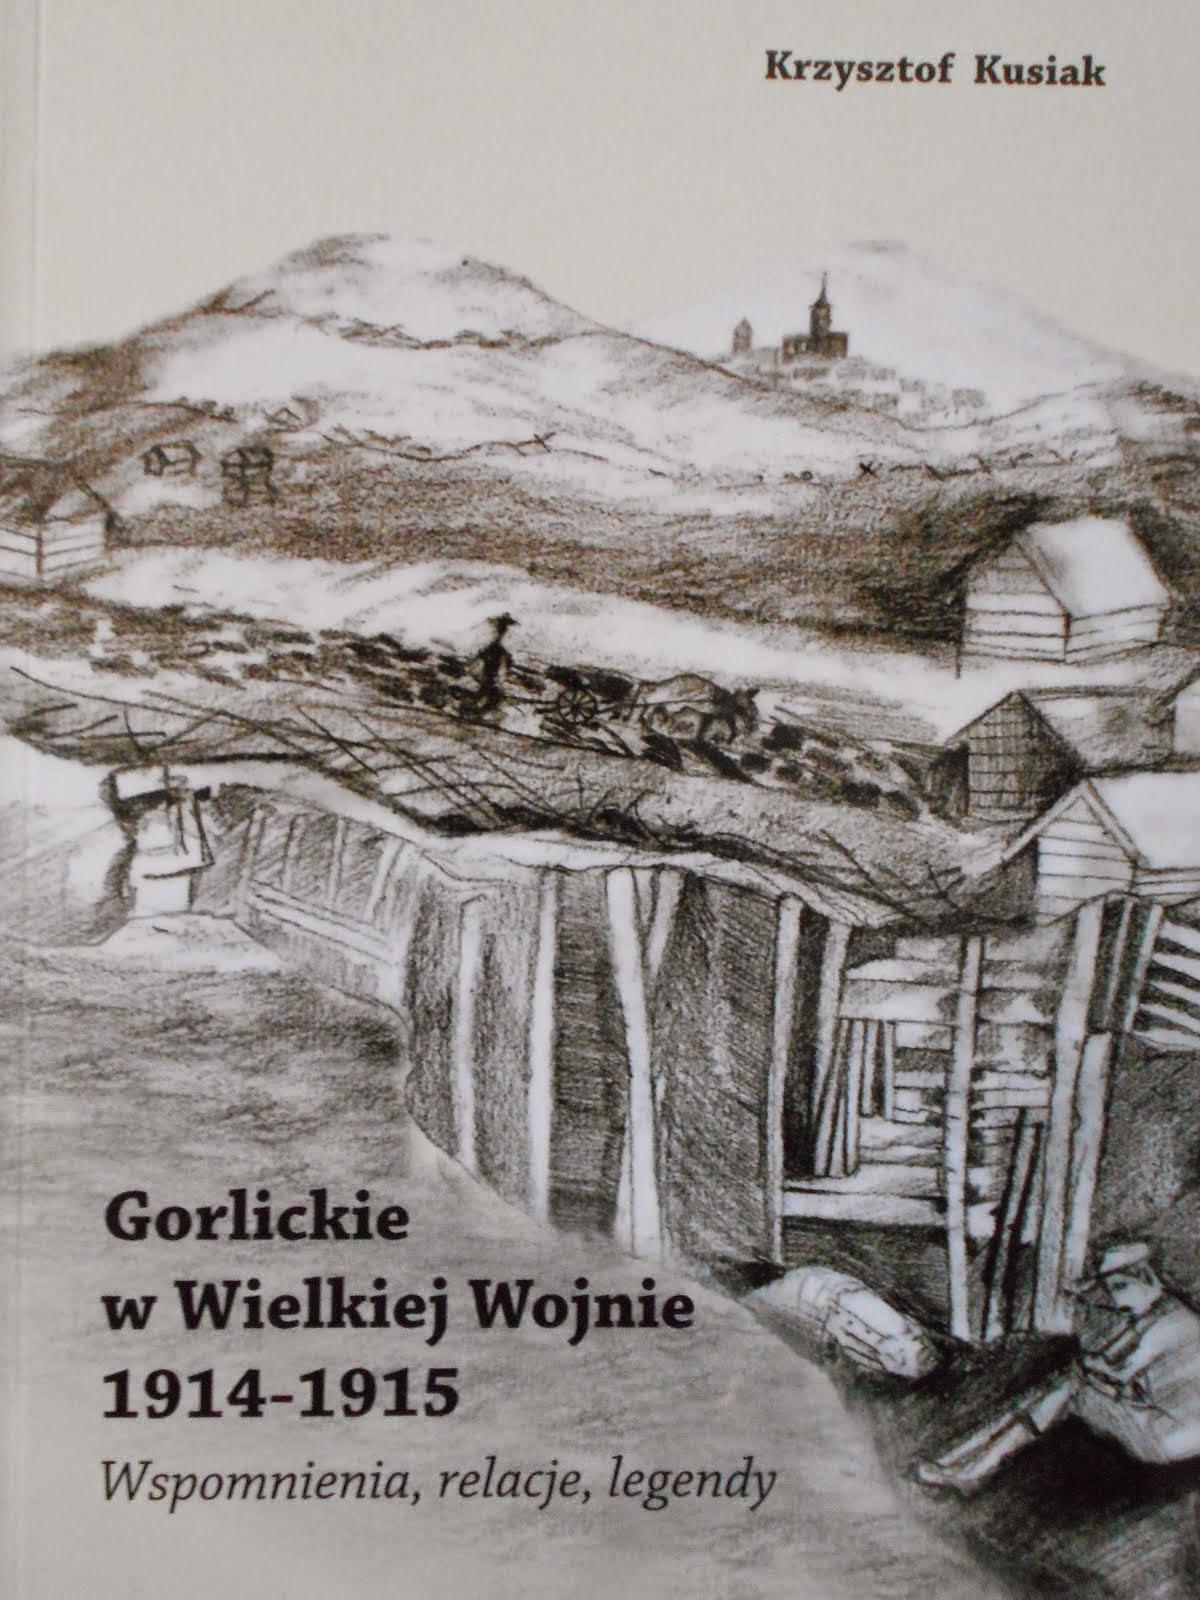 Gorlickie w Wielkiej Wojnie 1914-1915. Wspomnienia, relacje, legendy.